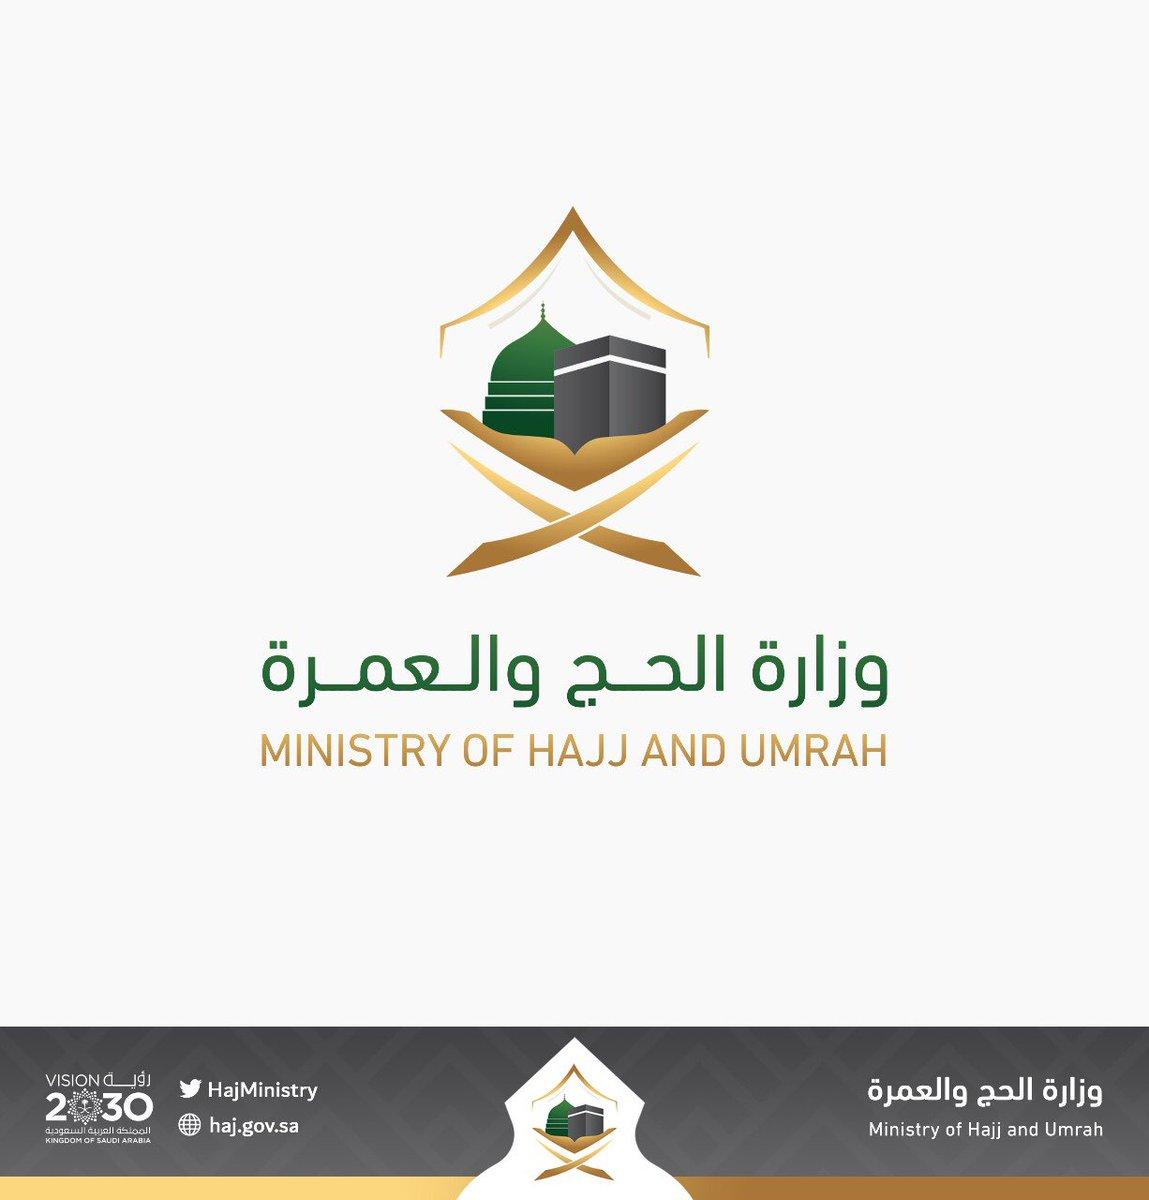 وزير الحج والعمرة يكلف باستضافة المعتمرين السودانيين وتقديم الخدمات لهم حتى عودة الرحلات إلى بلدهم